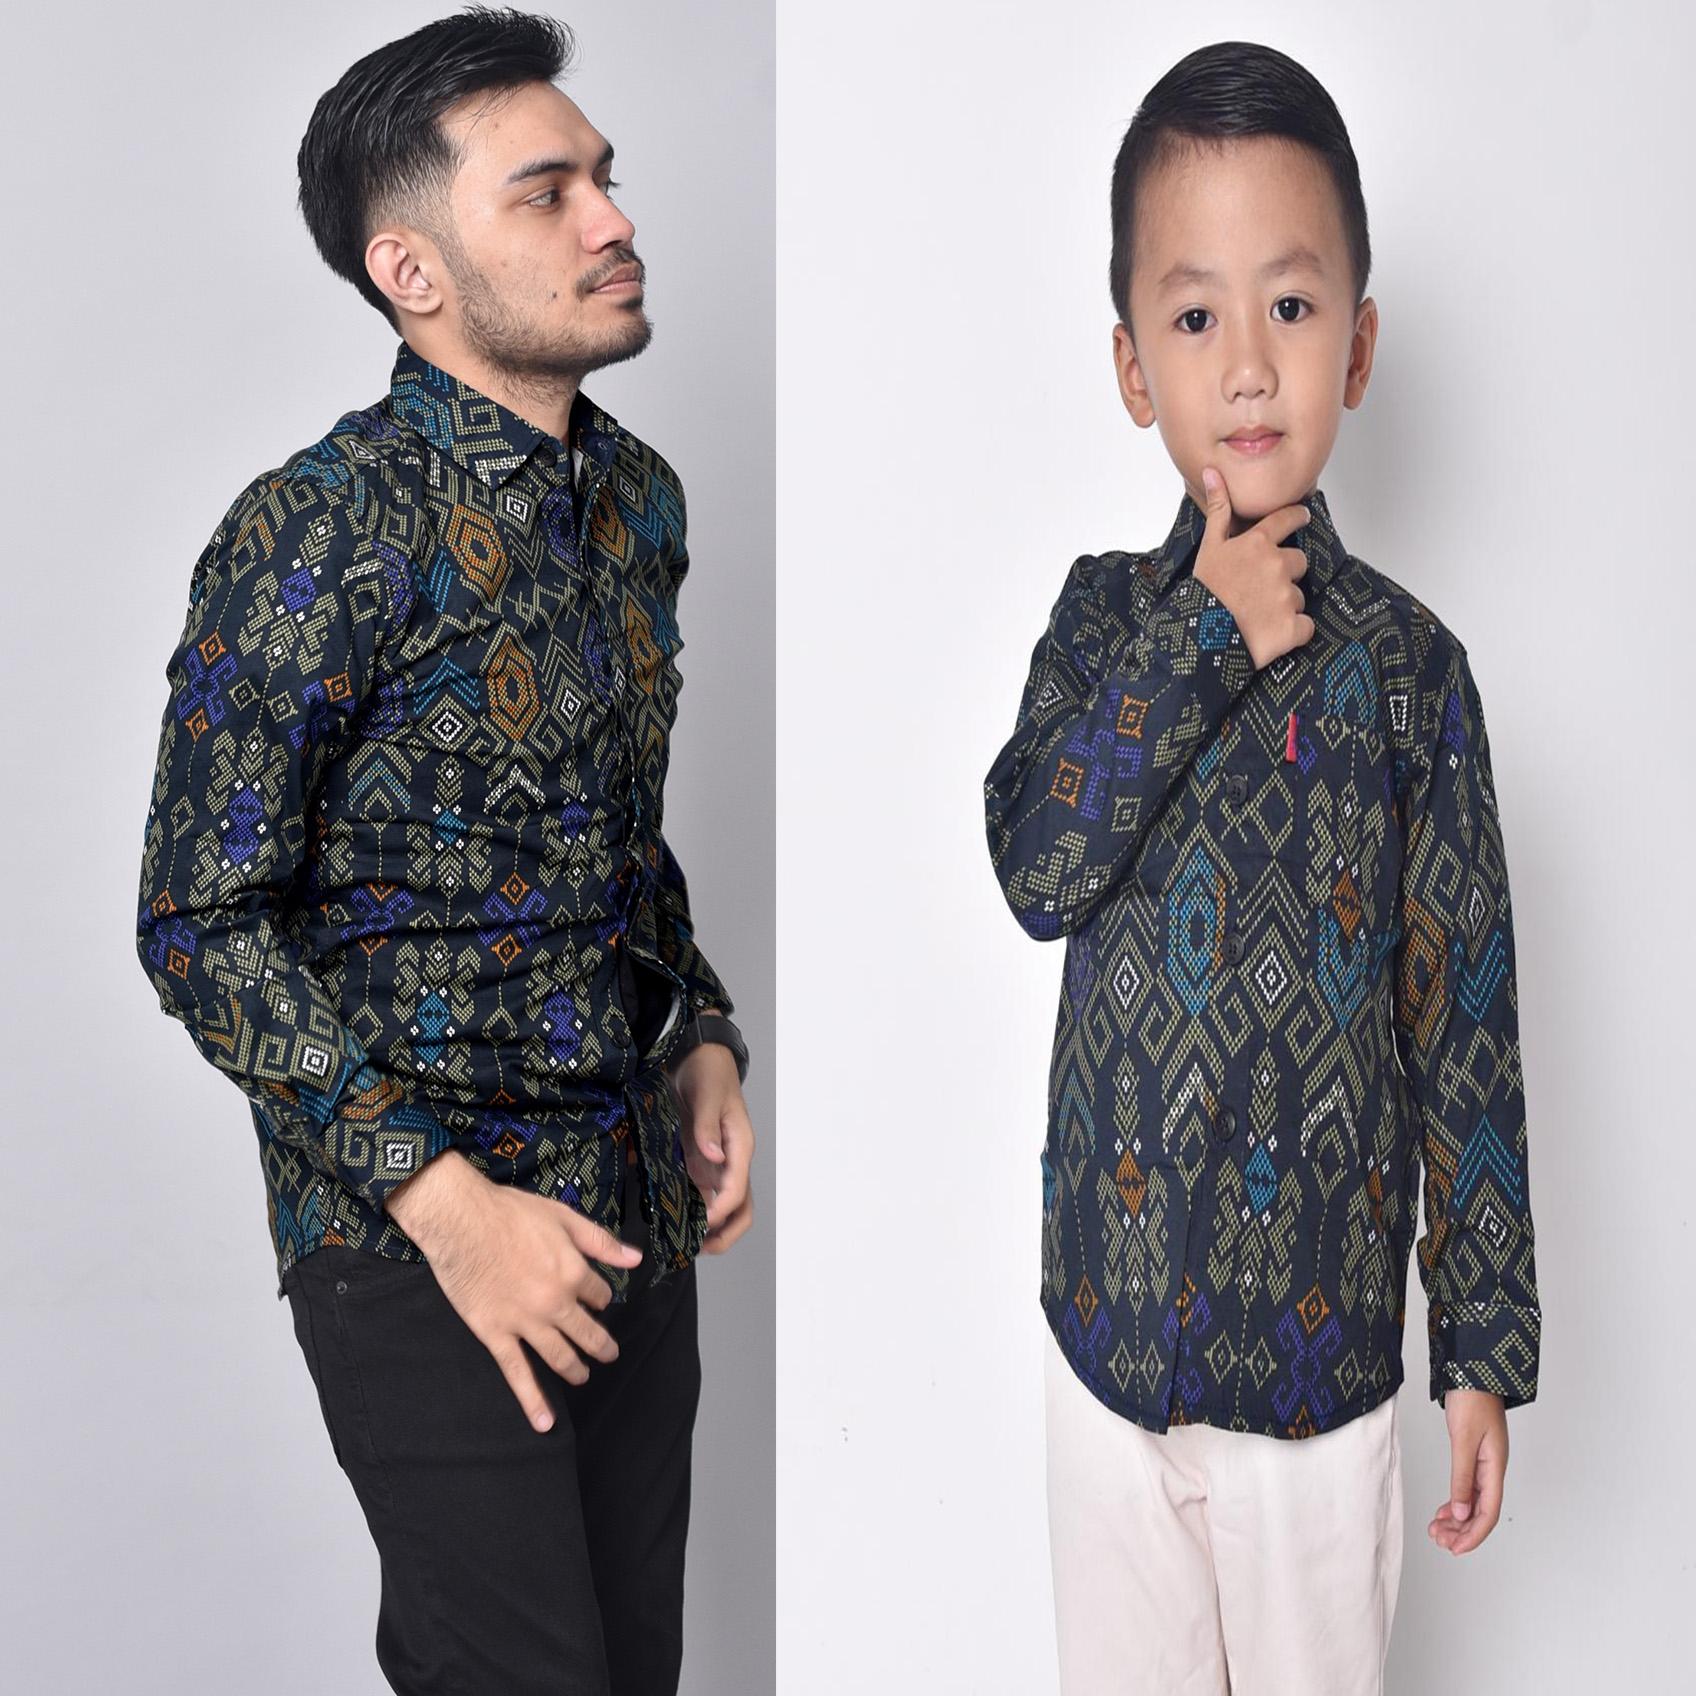 3lstore kemeja anak 1 – 11 tahun atasan batik bayi balita kid fashion anak cowok laki baju batik seragam 1 set keluarga (tanpa anak cewe kemeja anak jumbo) kemeja panjang couple 1216